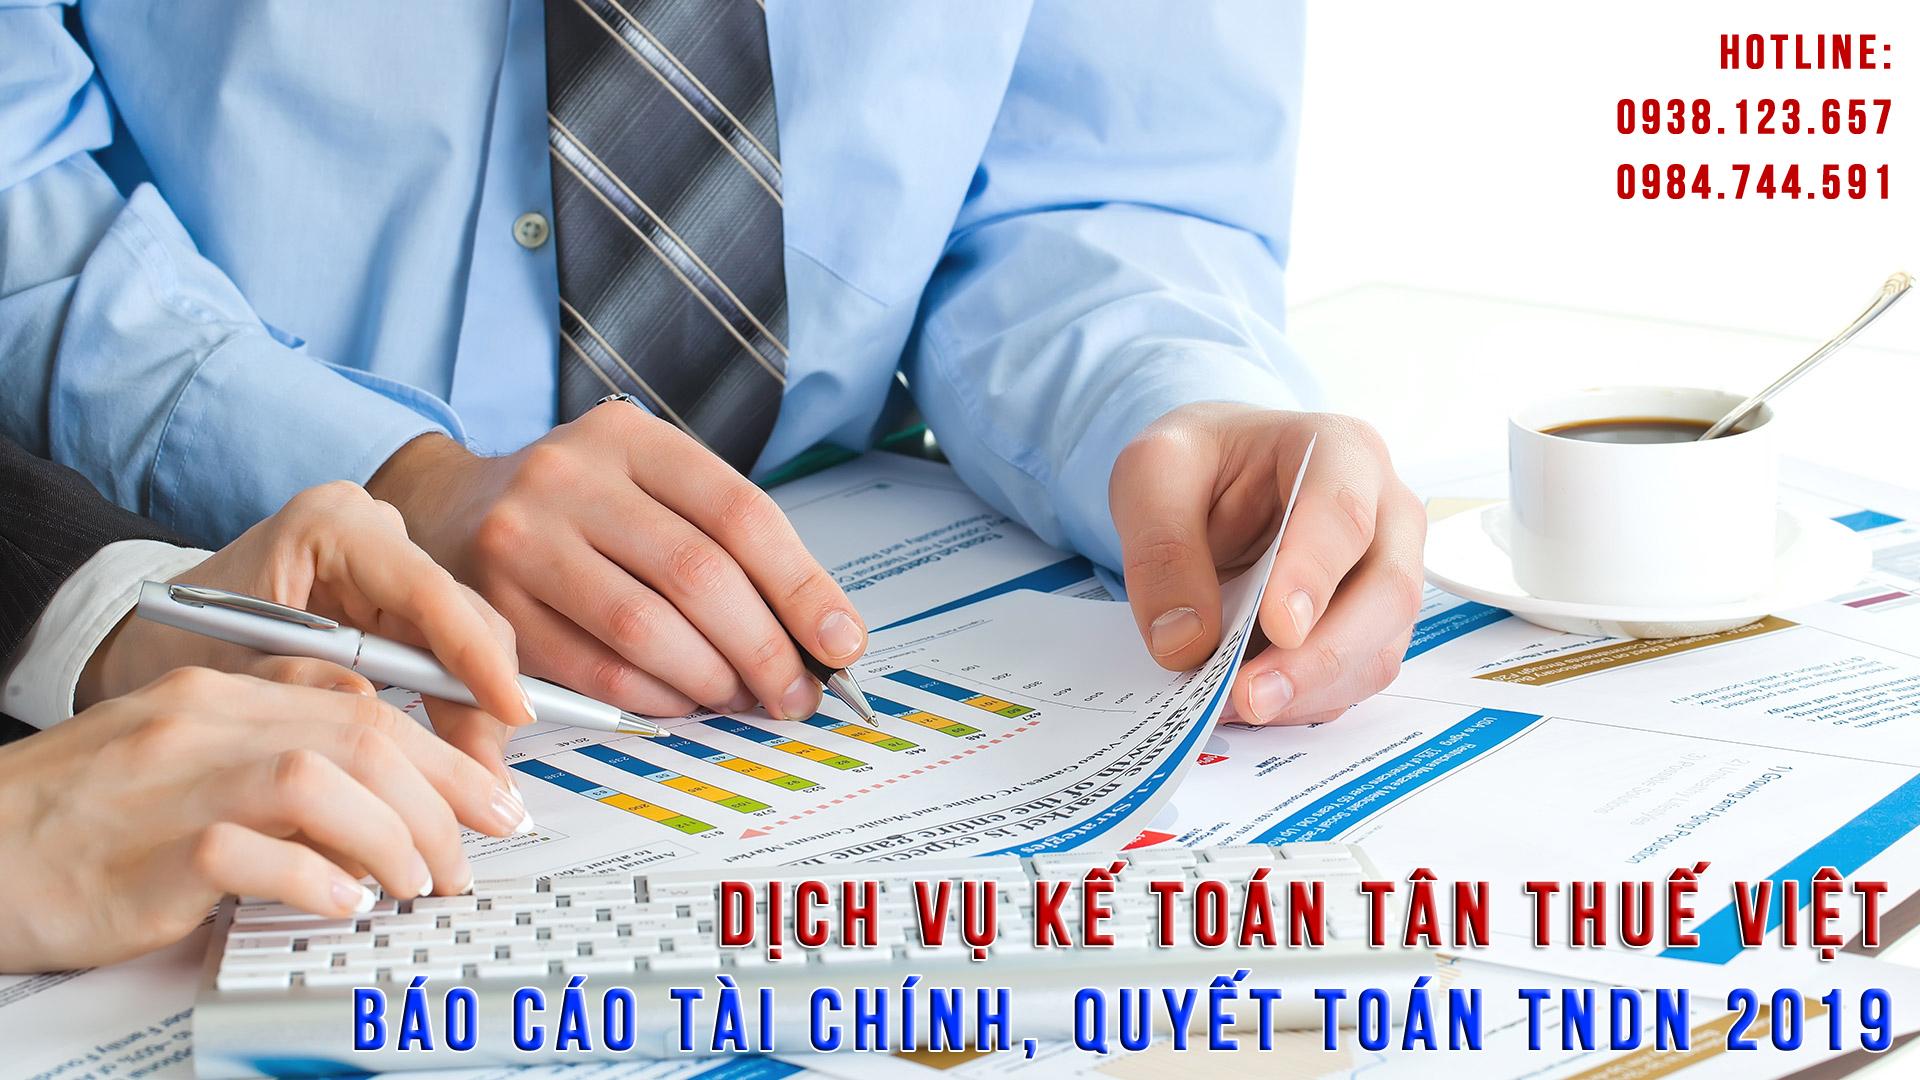 Báo cáo tài chính, báo cáo thuế cuối năm 2019